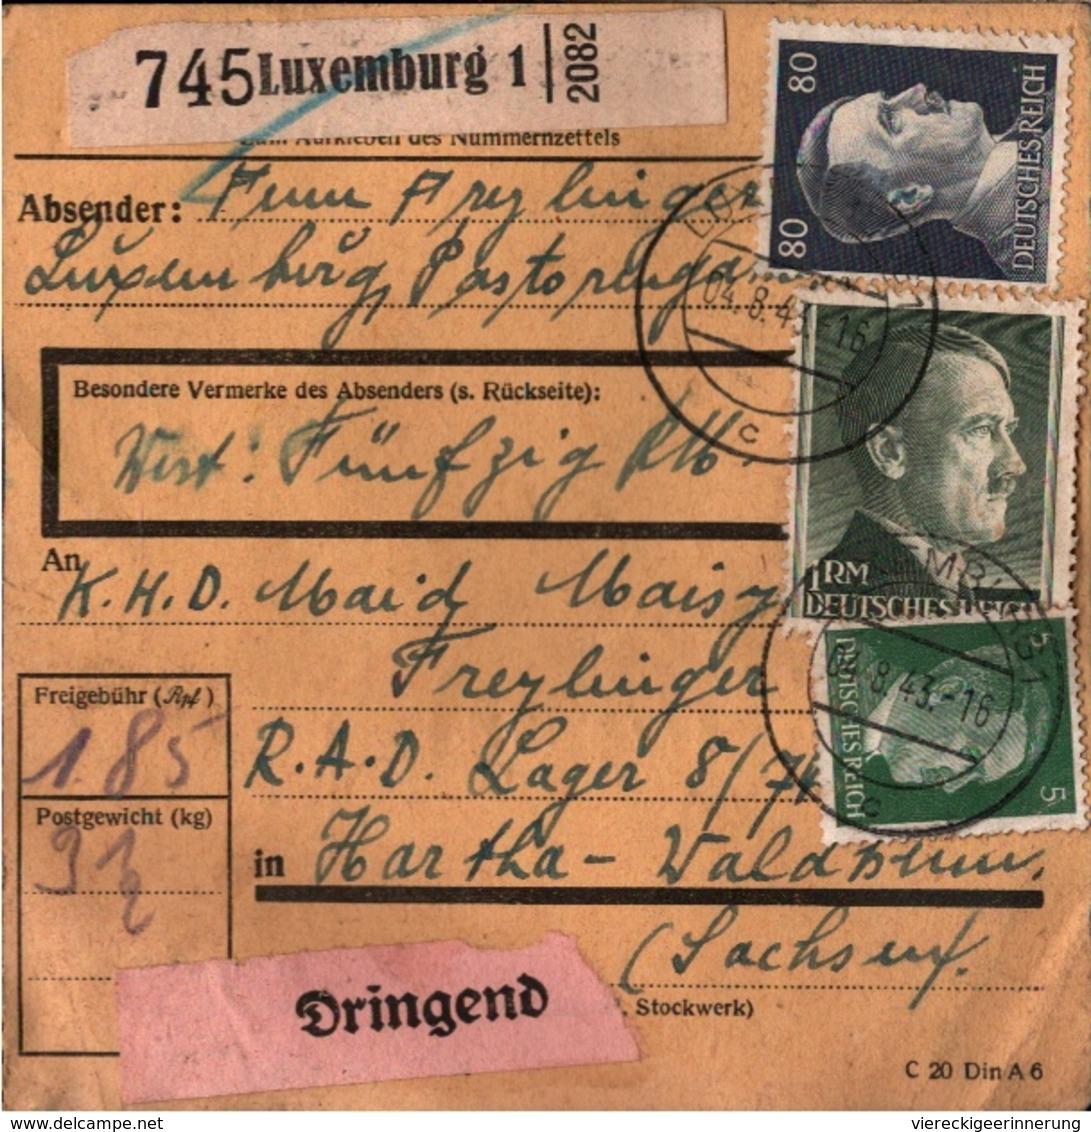 ! 1943 Paketkarte Luxembourg, Luxemburg Nach Hartha In Sachsen, R.A.D. Lager, Reichsarbeitsdienst - 1940-1944 German Occupation